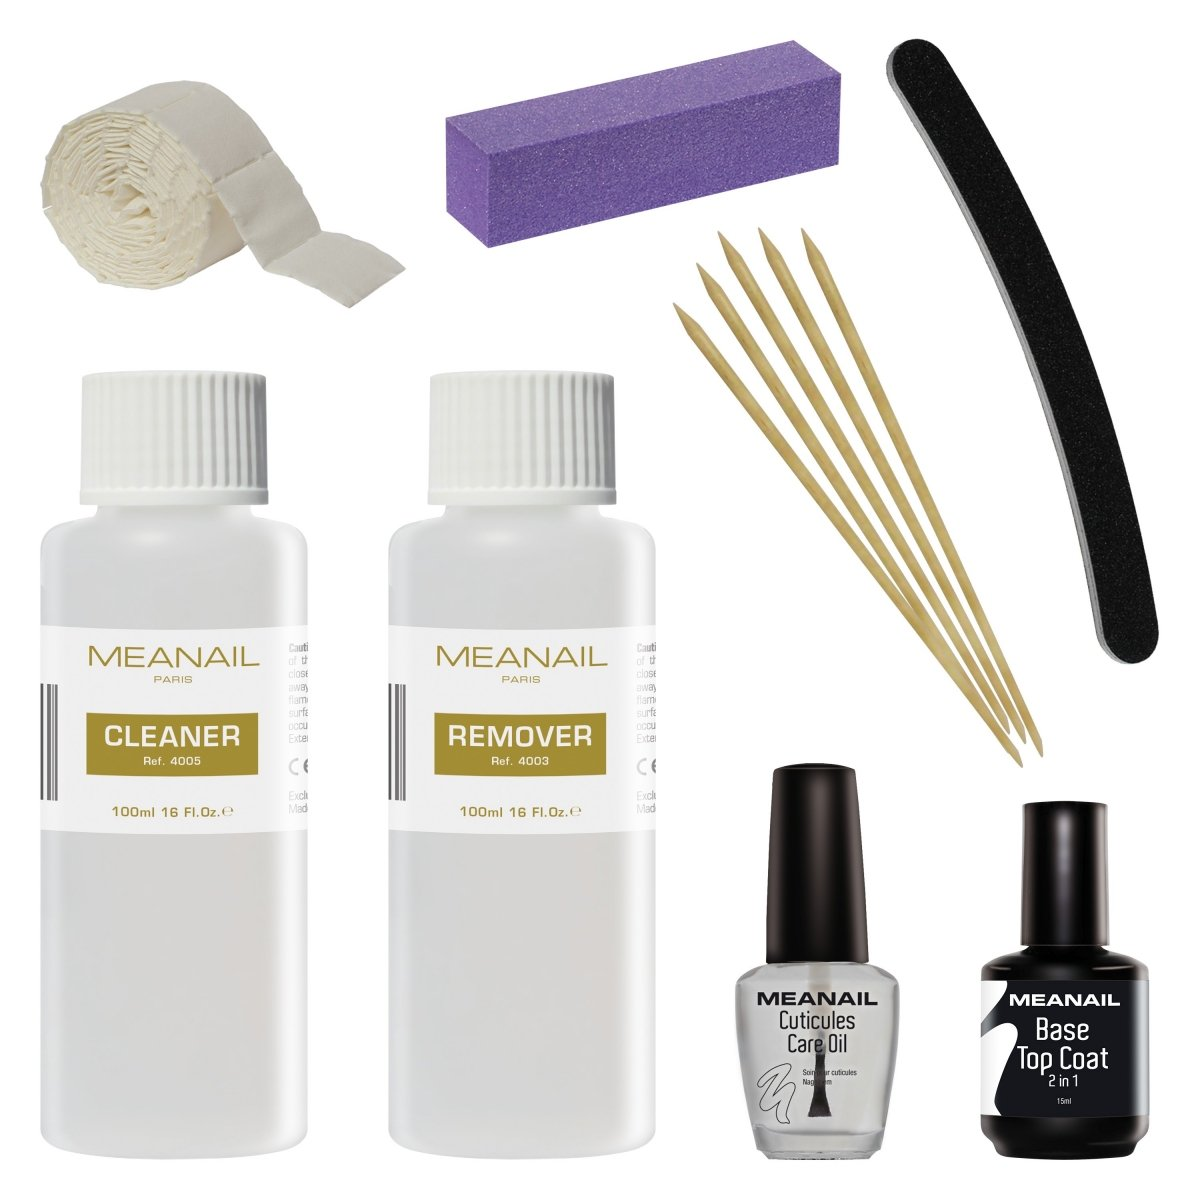 Meanail Cleaner para Gel Esmalte de Uñas Base y Top Coat Semipermanente Esmalte Semipermanente UV LED Kit de Manicura y Pedicura Meanail Paris